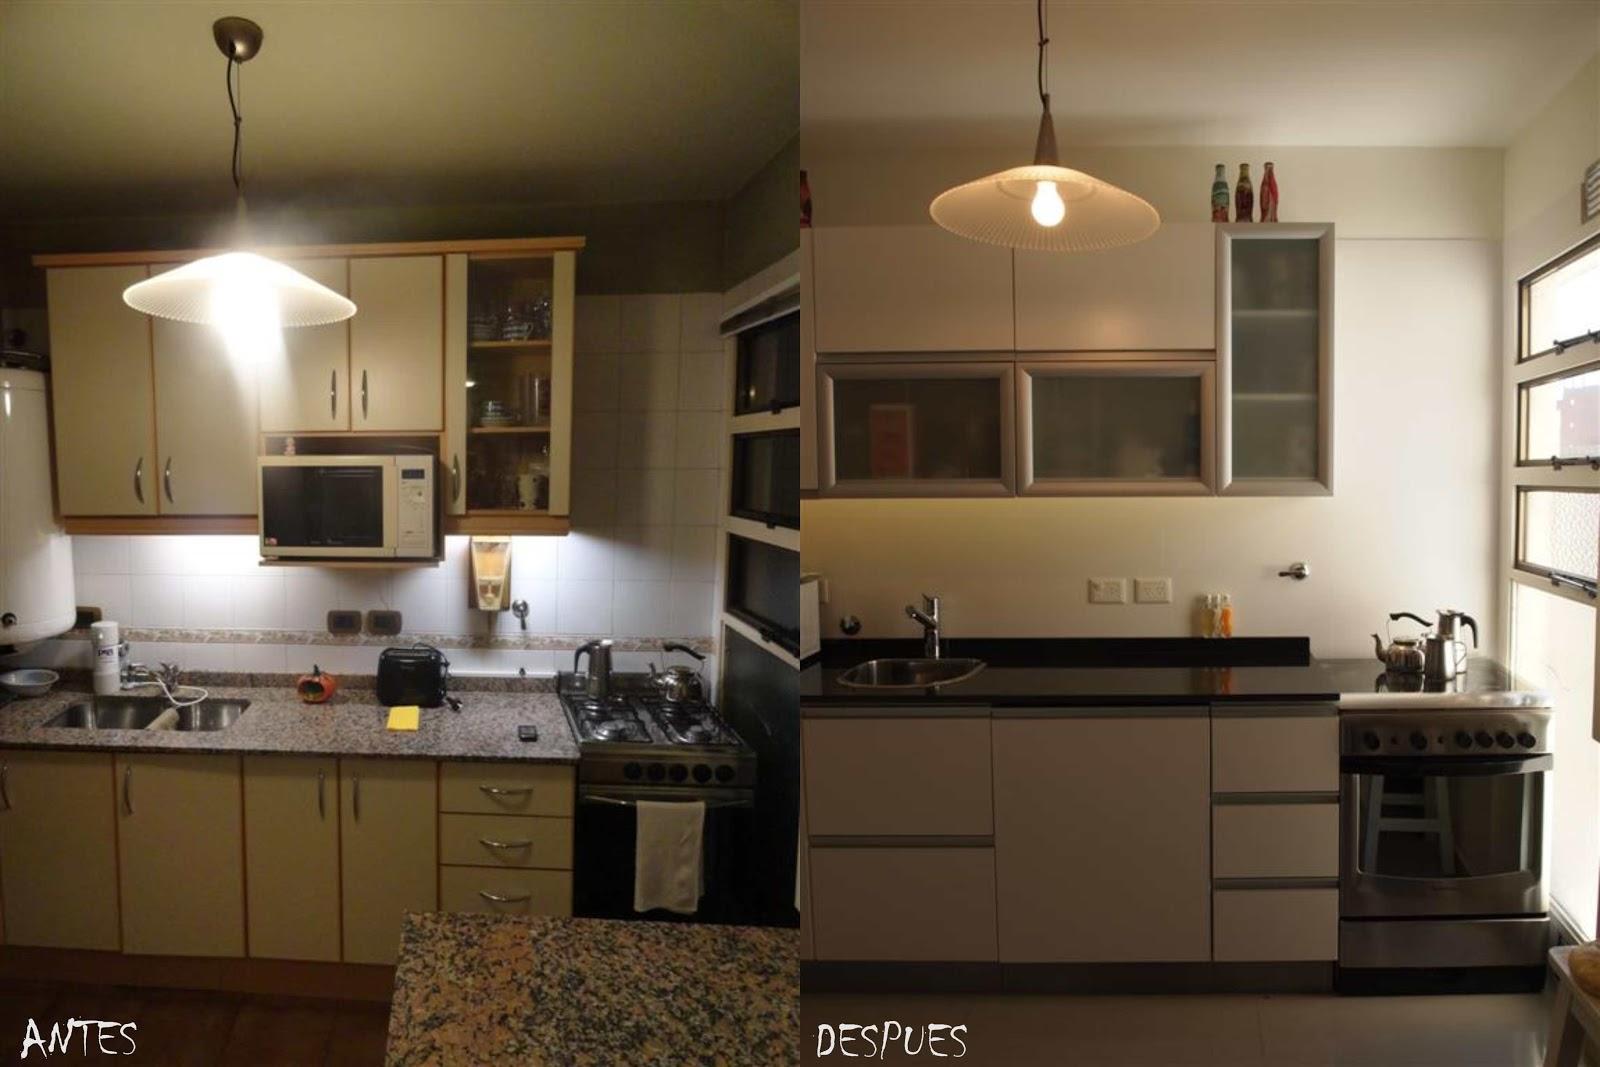 Arquitectura a tu medida remodelacion de una cocina for Remodelacion de casas pequenas fotos